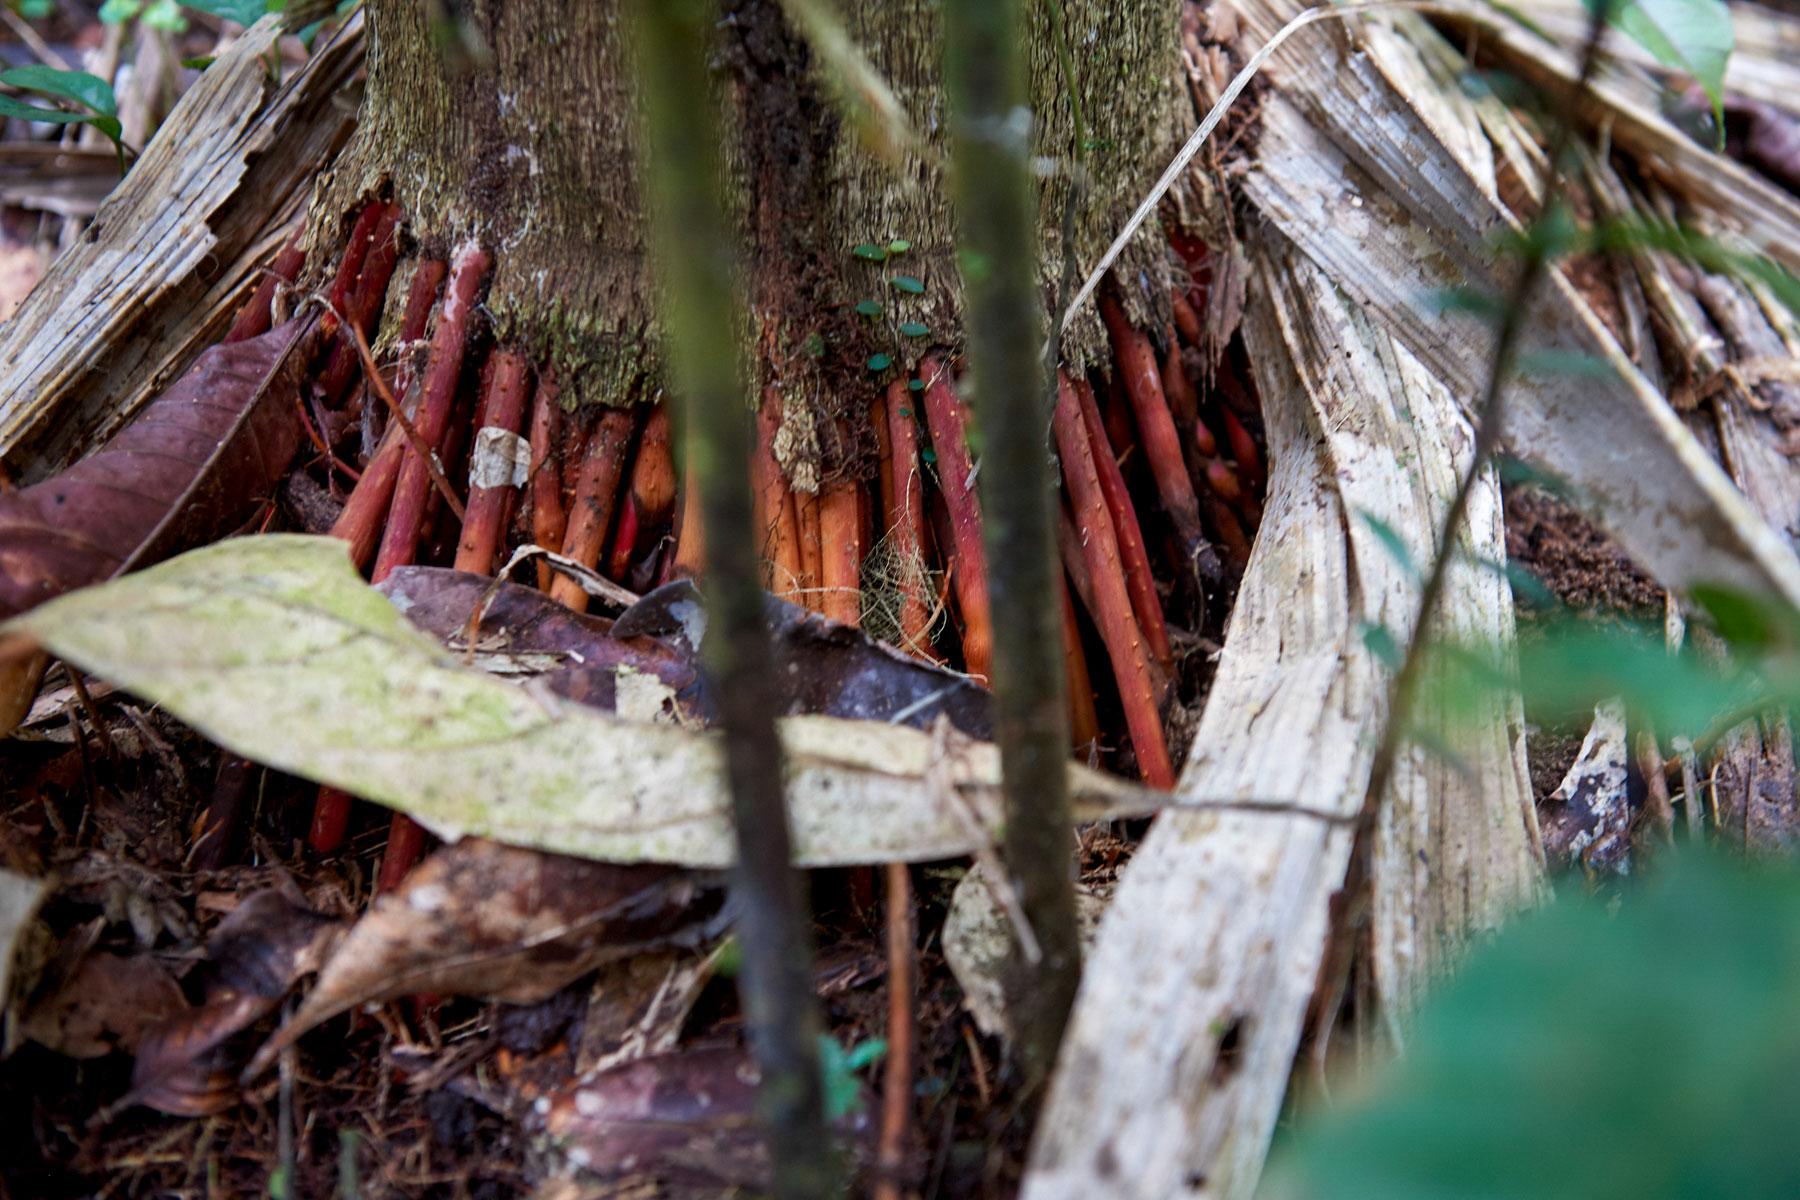 Nahaufnahme eines im Regenwald stehenden Baumes dessen Stamm auf vielen dünnen und rotgefärbten Wurzelsträngen besteht